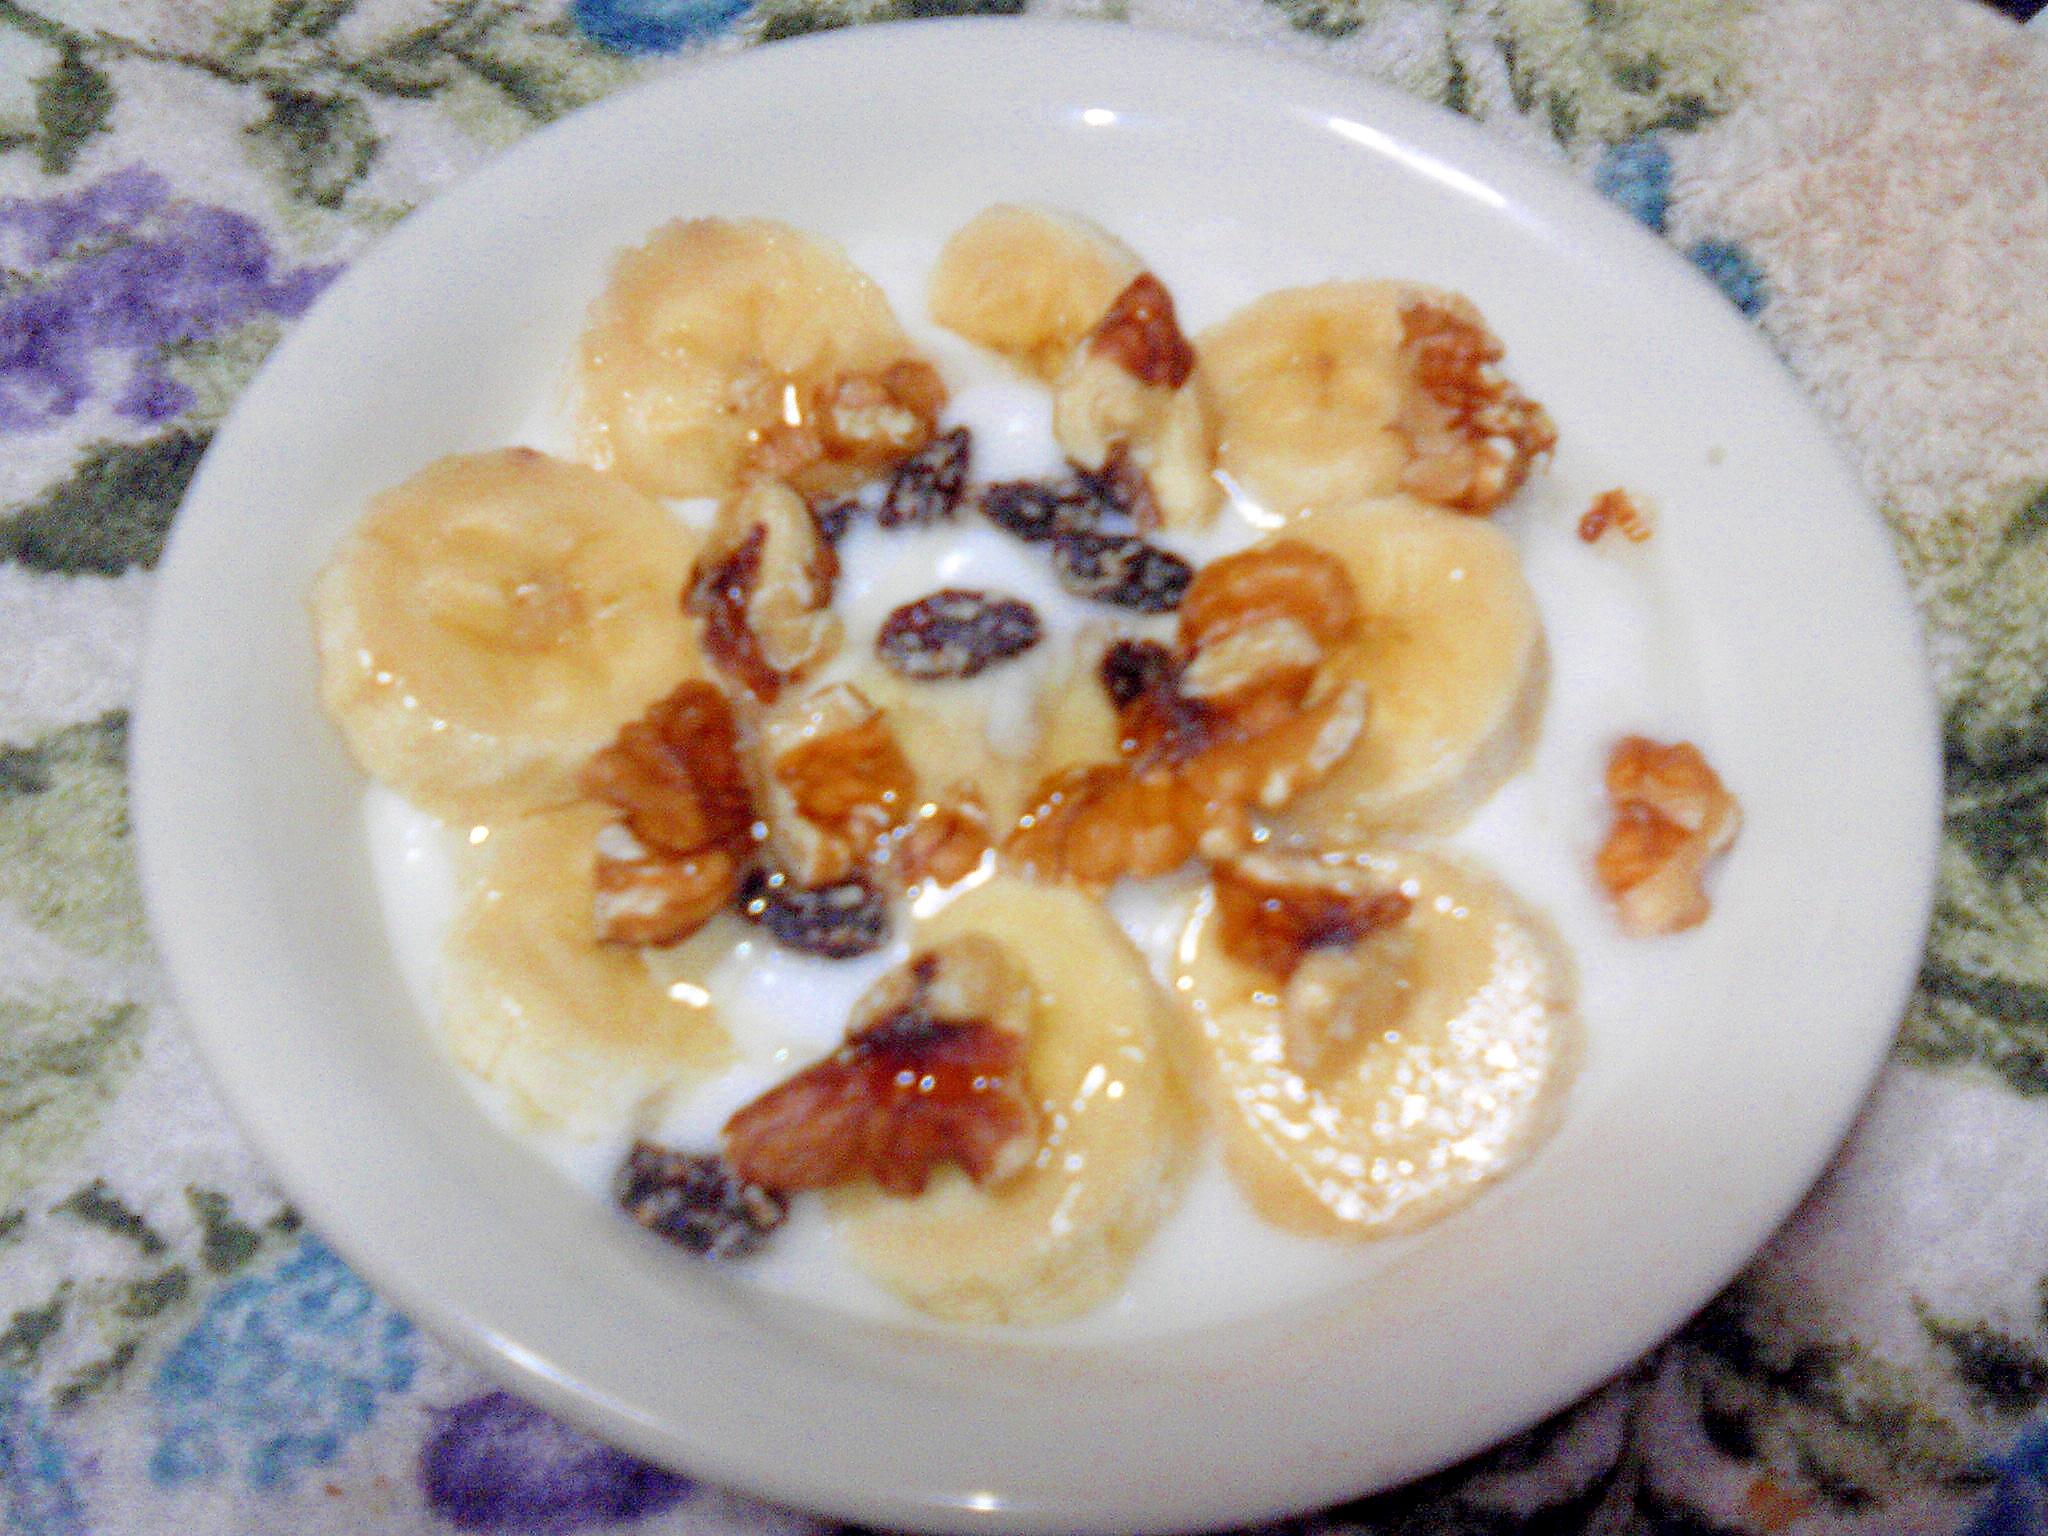 バナナと胡桃とレーズンde贅沢気分なヨーグルト